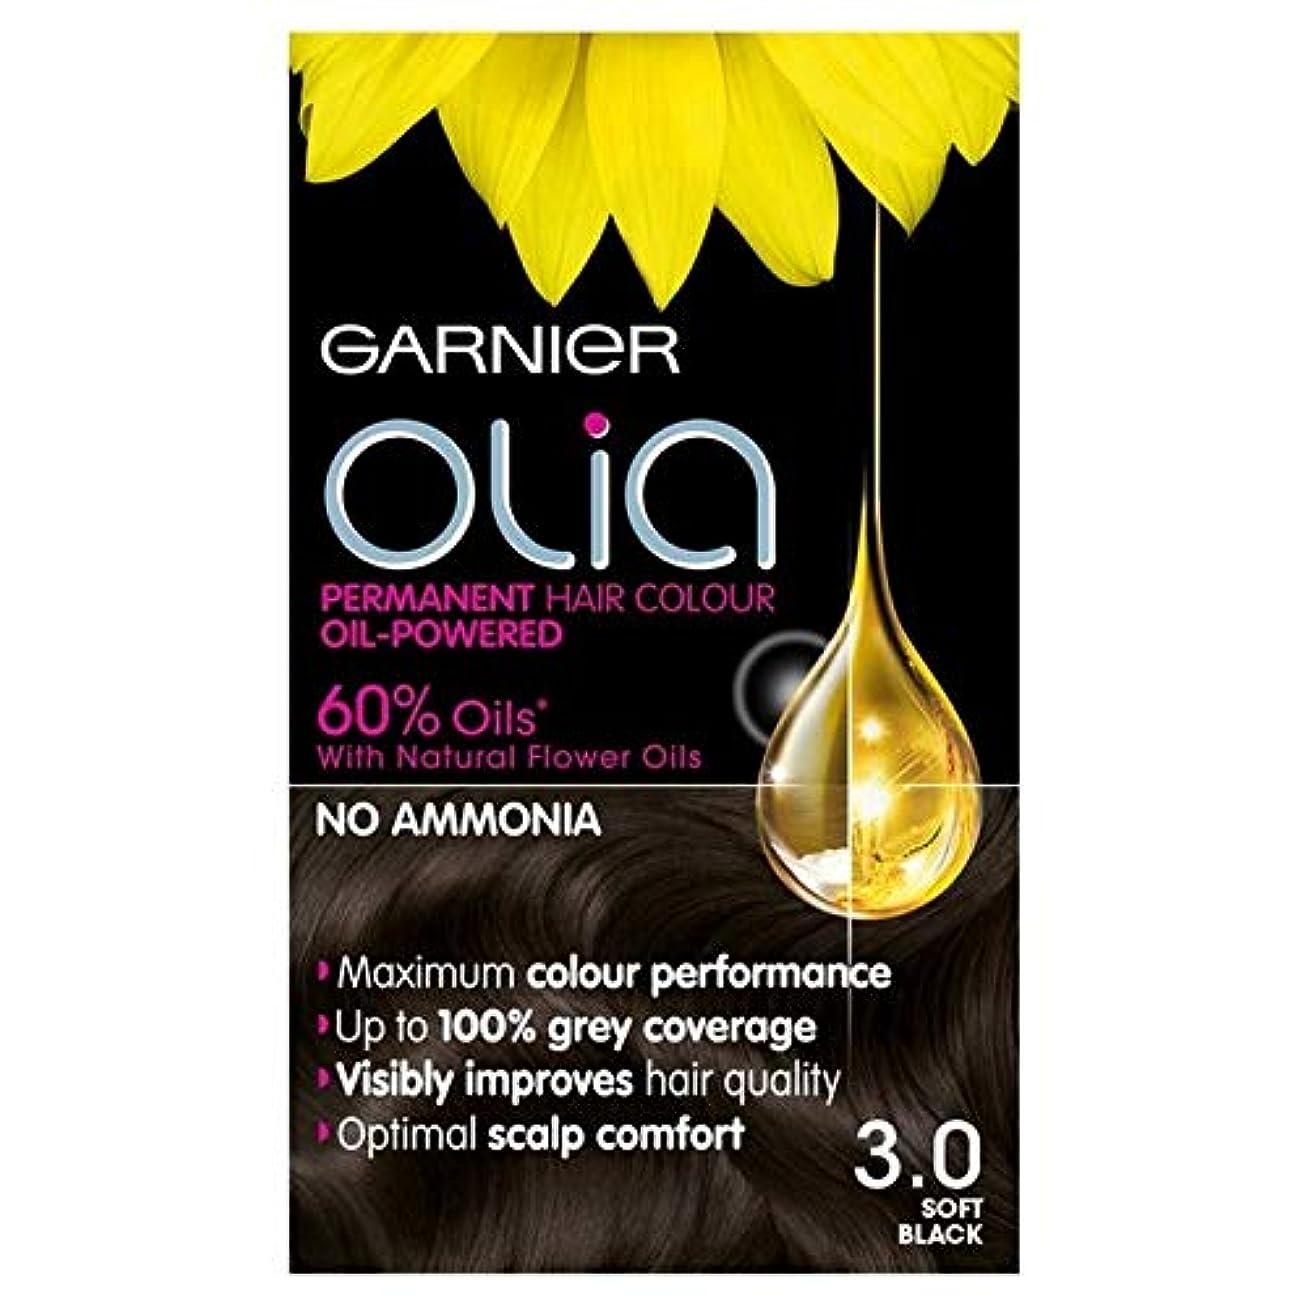 思い出す要求するもっともらしい[Garnier ] 3.0ソフト黒のパーマネントヘアダイOliaガルニエ - Garnier Olia 3.0 Soft Black Permanent Hair Dye [並行輸入品]